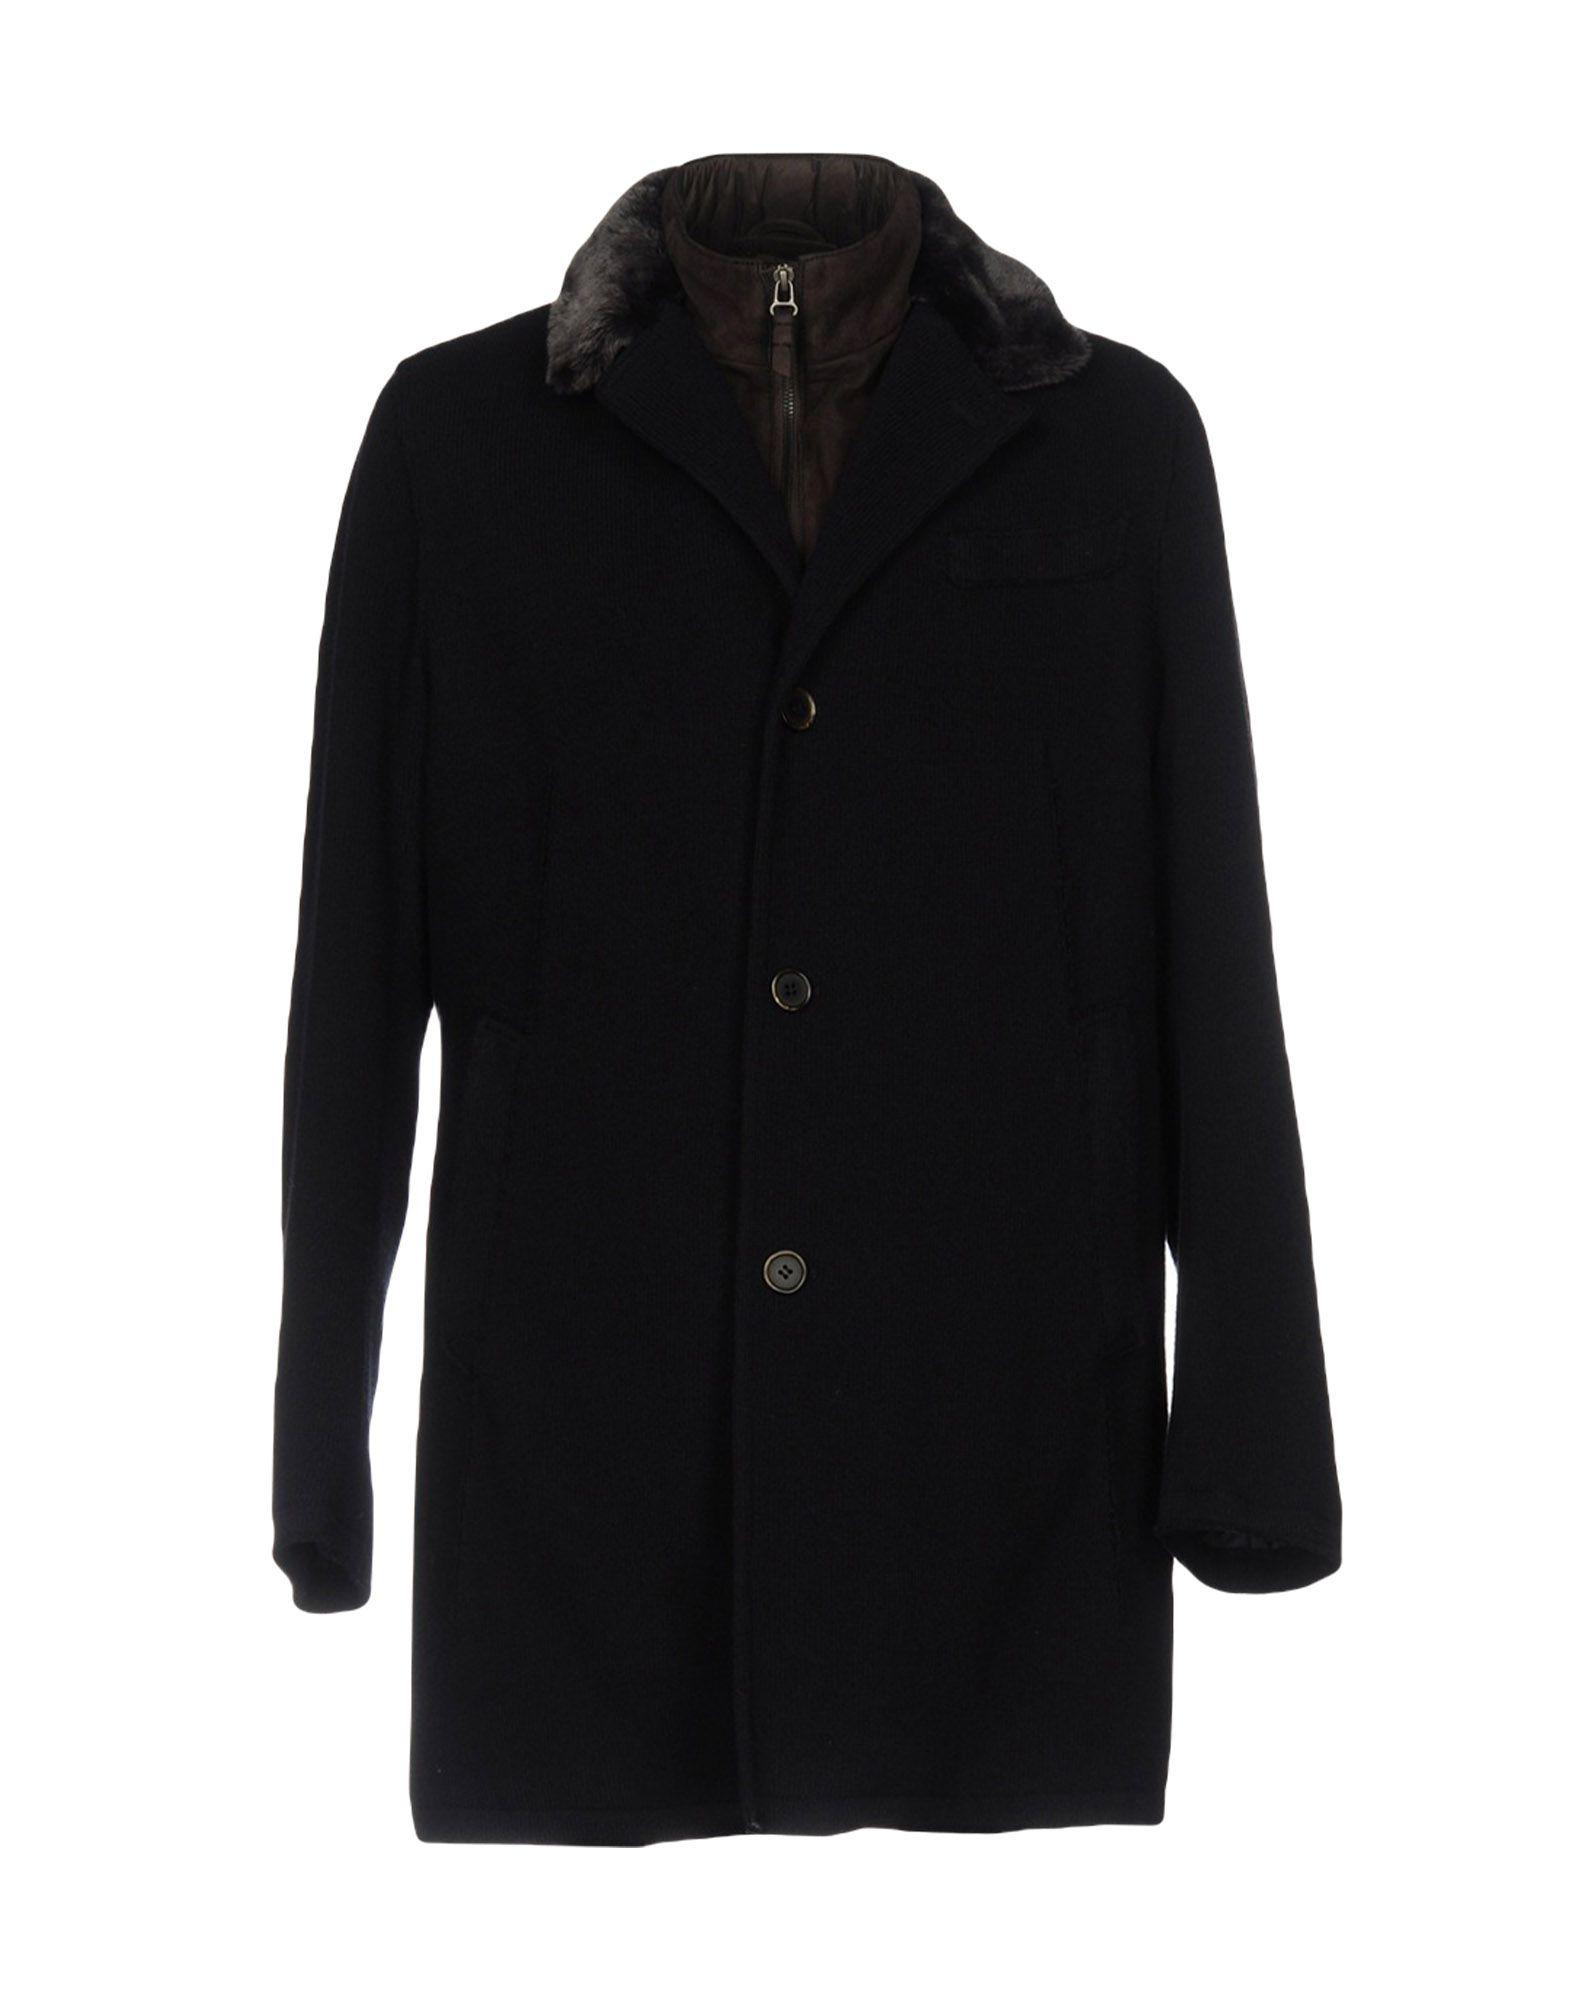 GMS-75 Пальто молния золотая 75 см для пальто